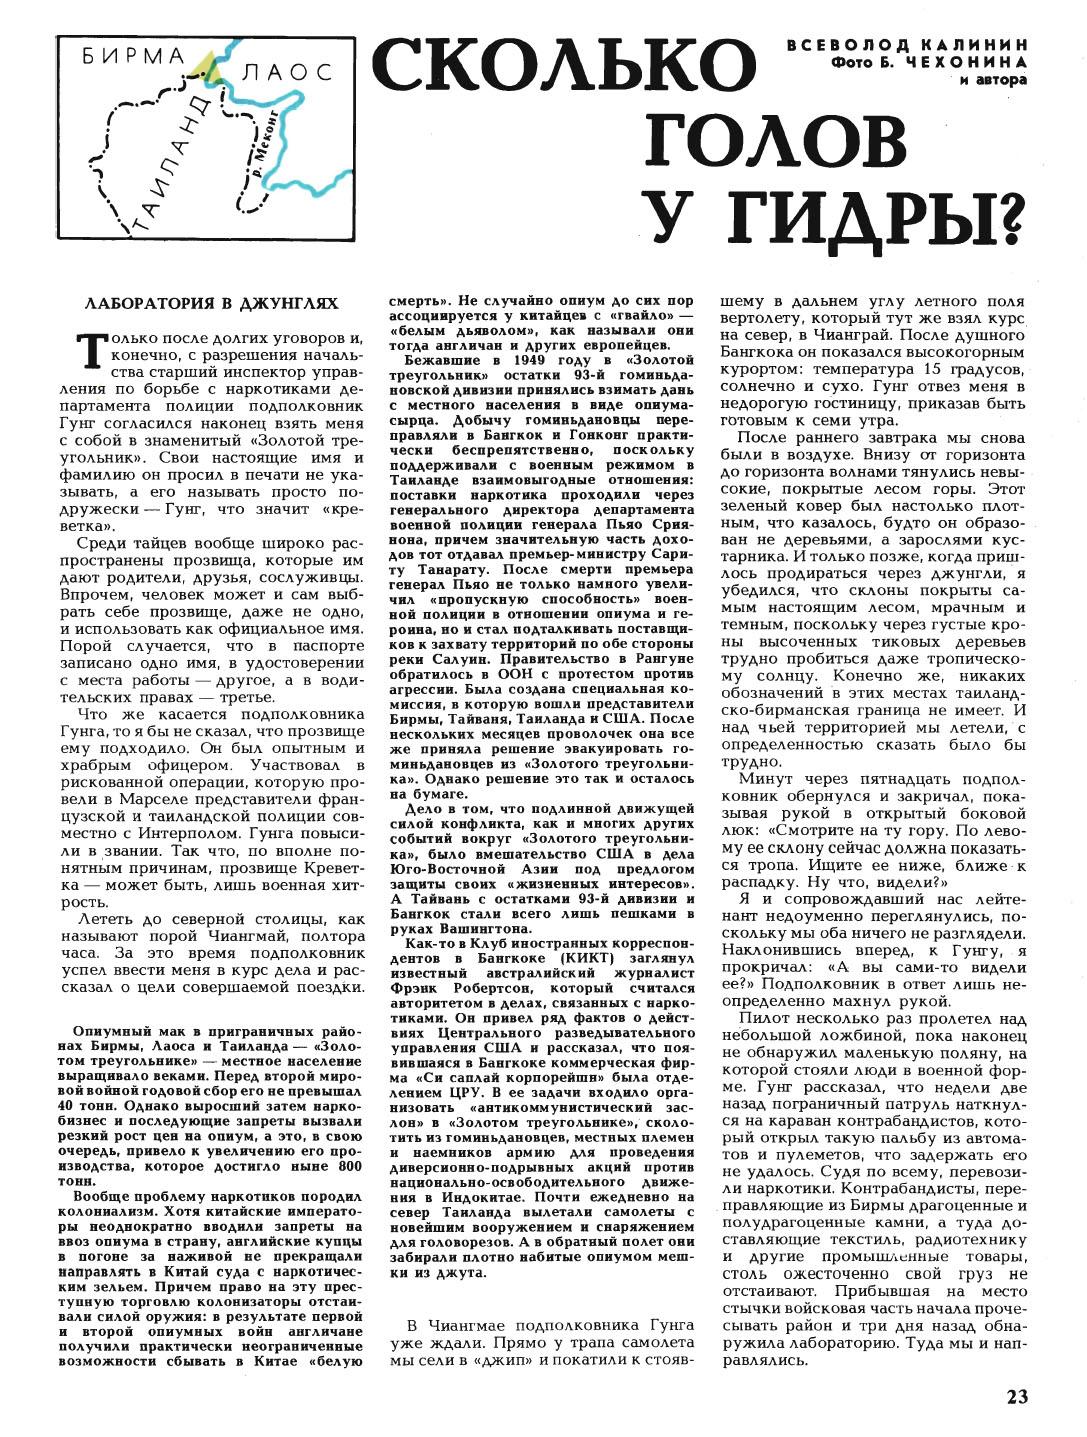 VS_1988-09_01.jpg